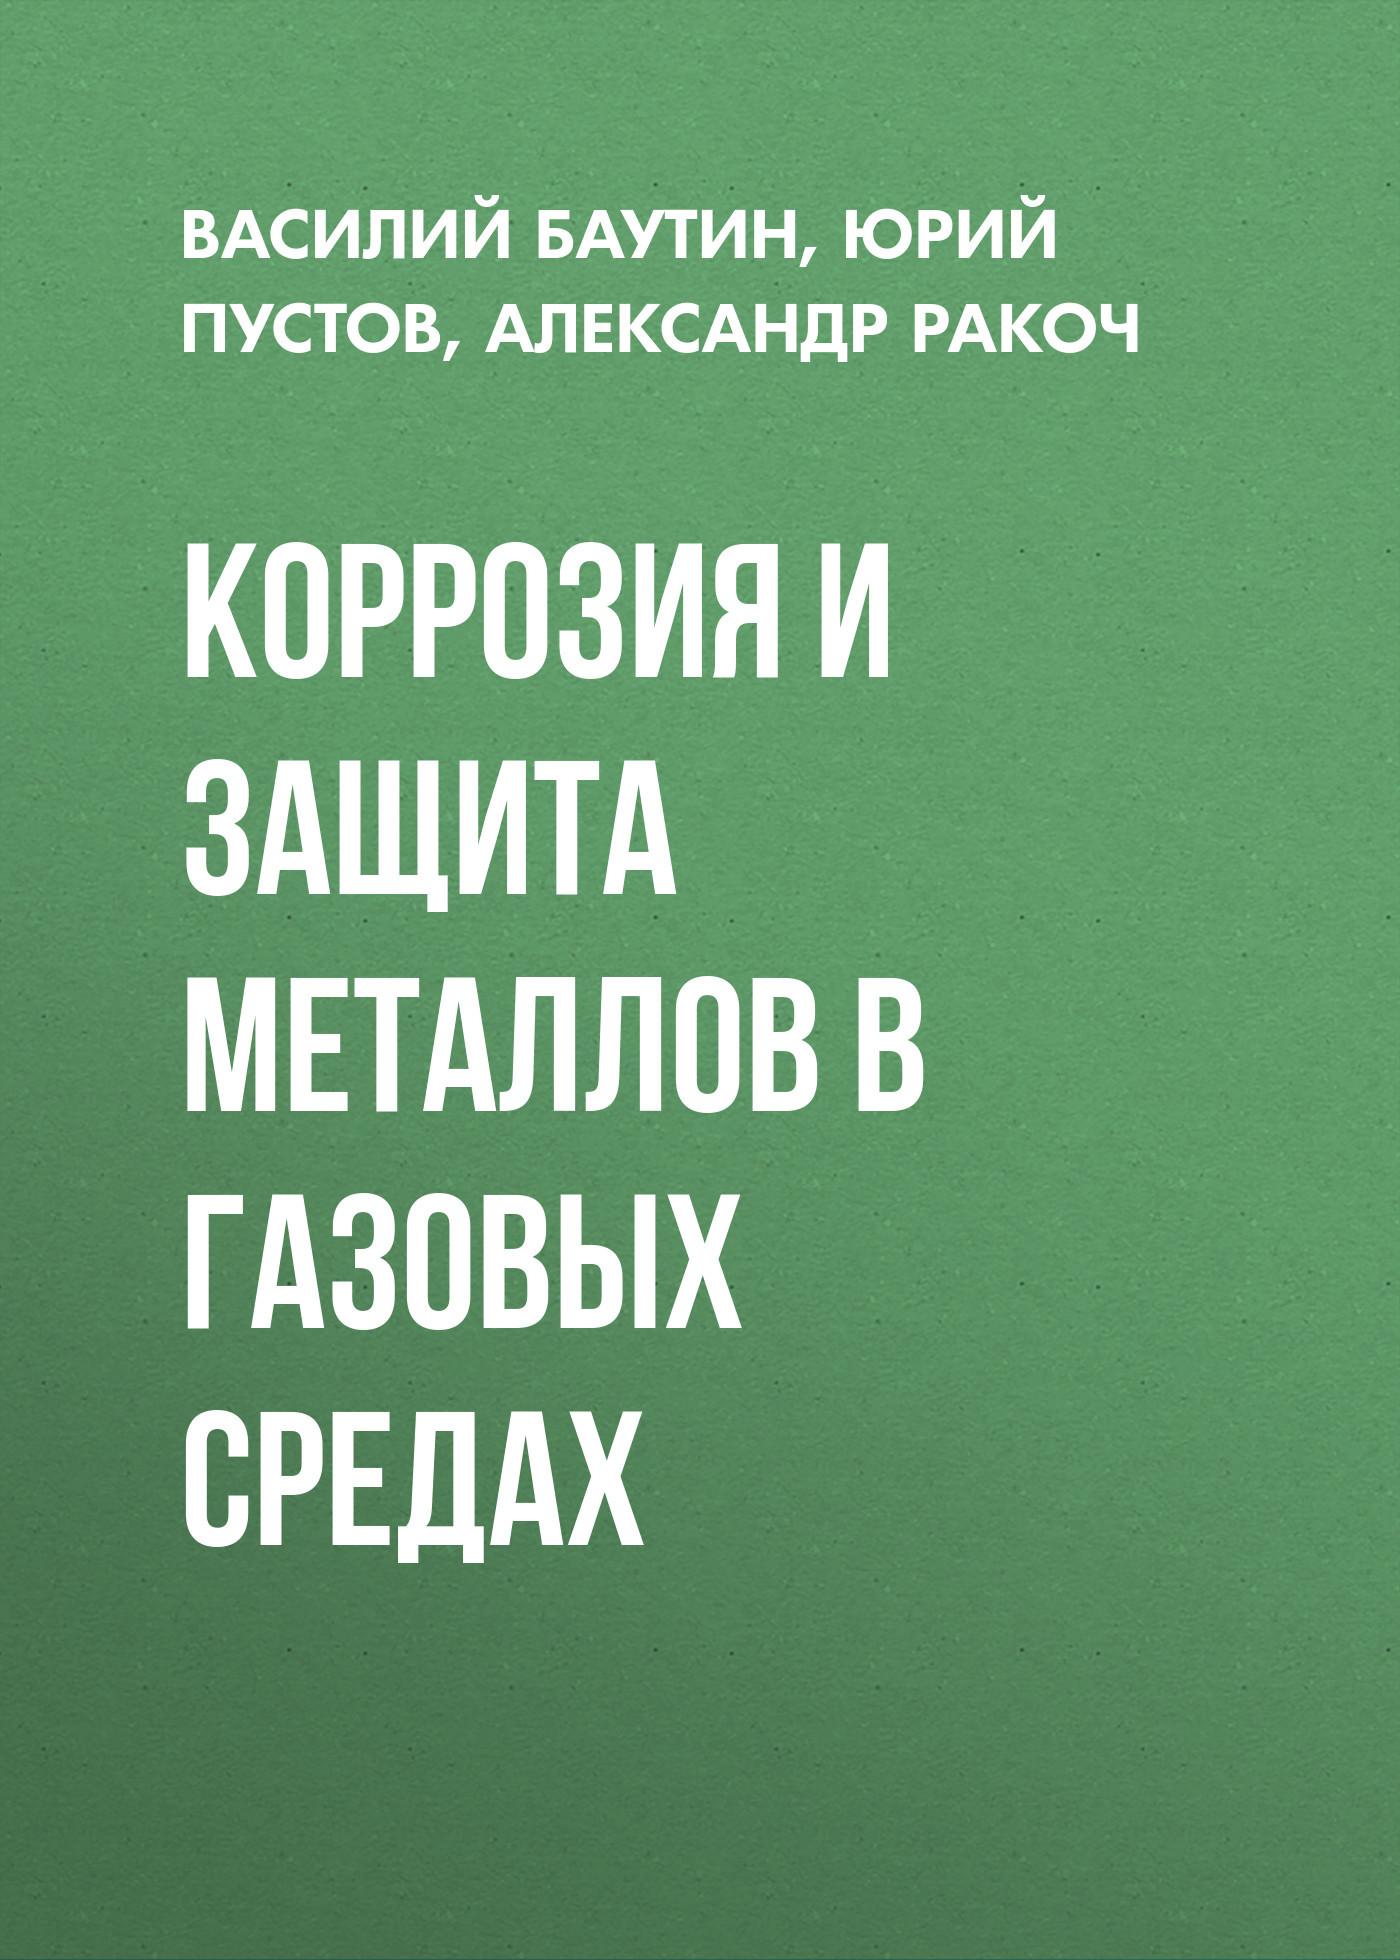 Александр Ракоч Коррозия и защита металлов в газовых средах